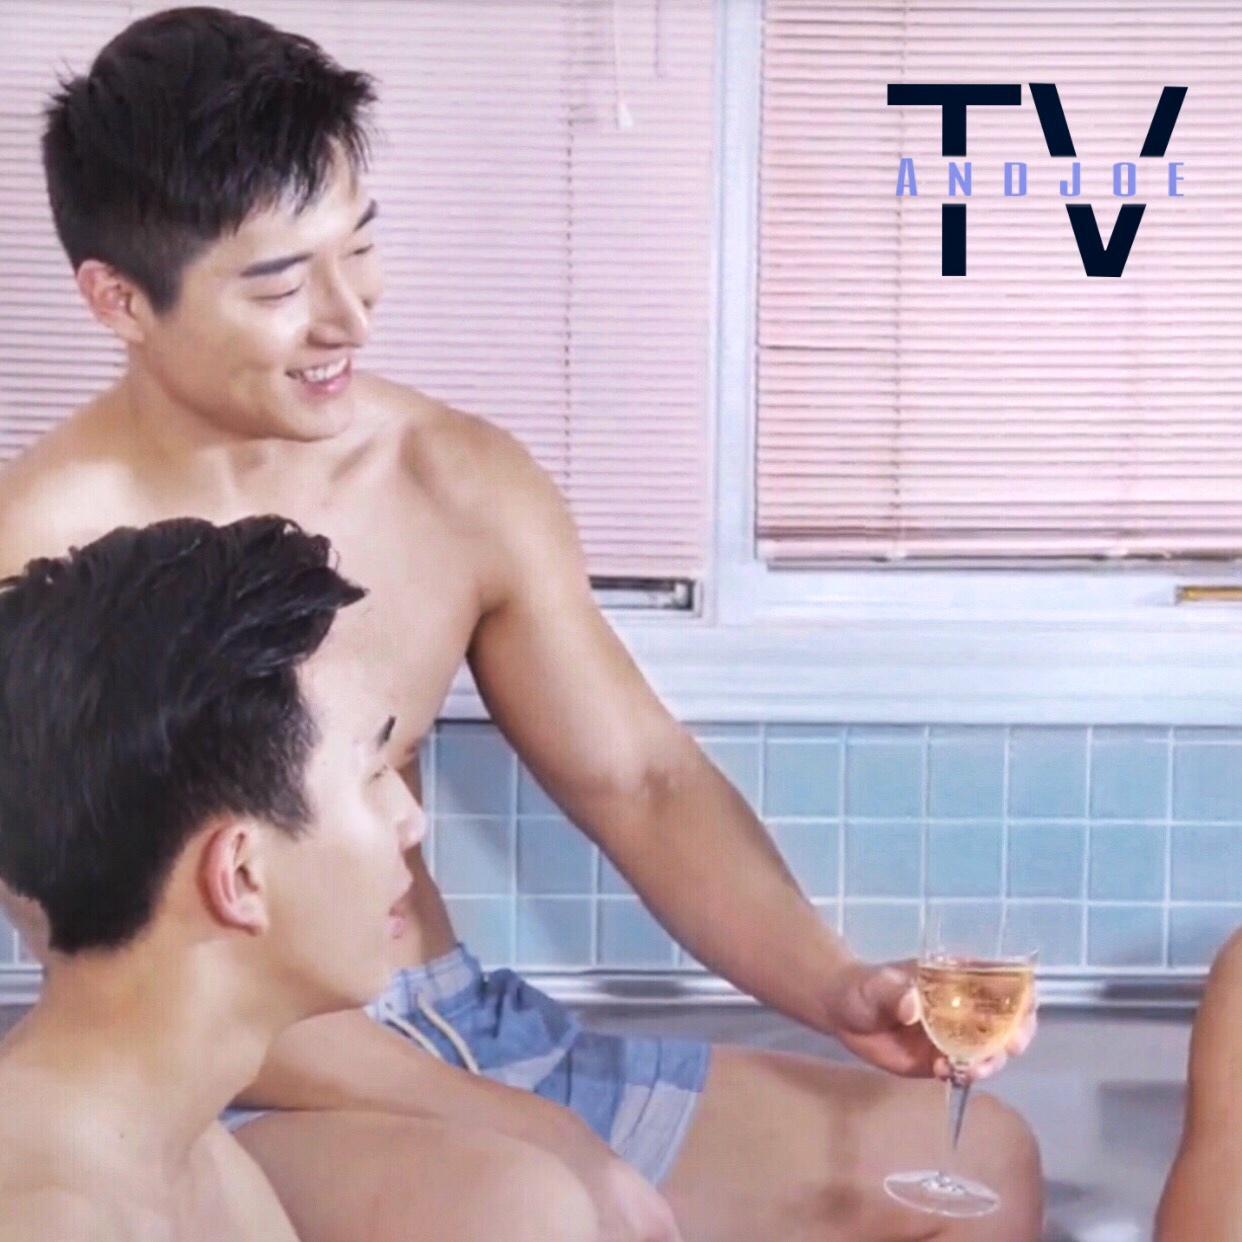 Andjoe TV